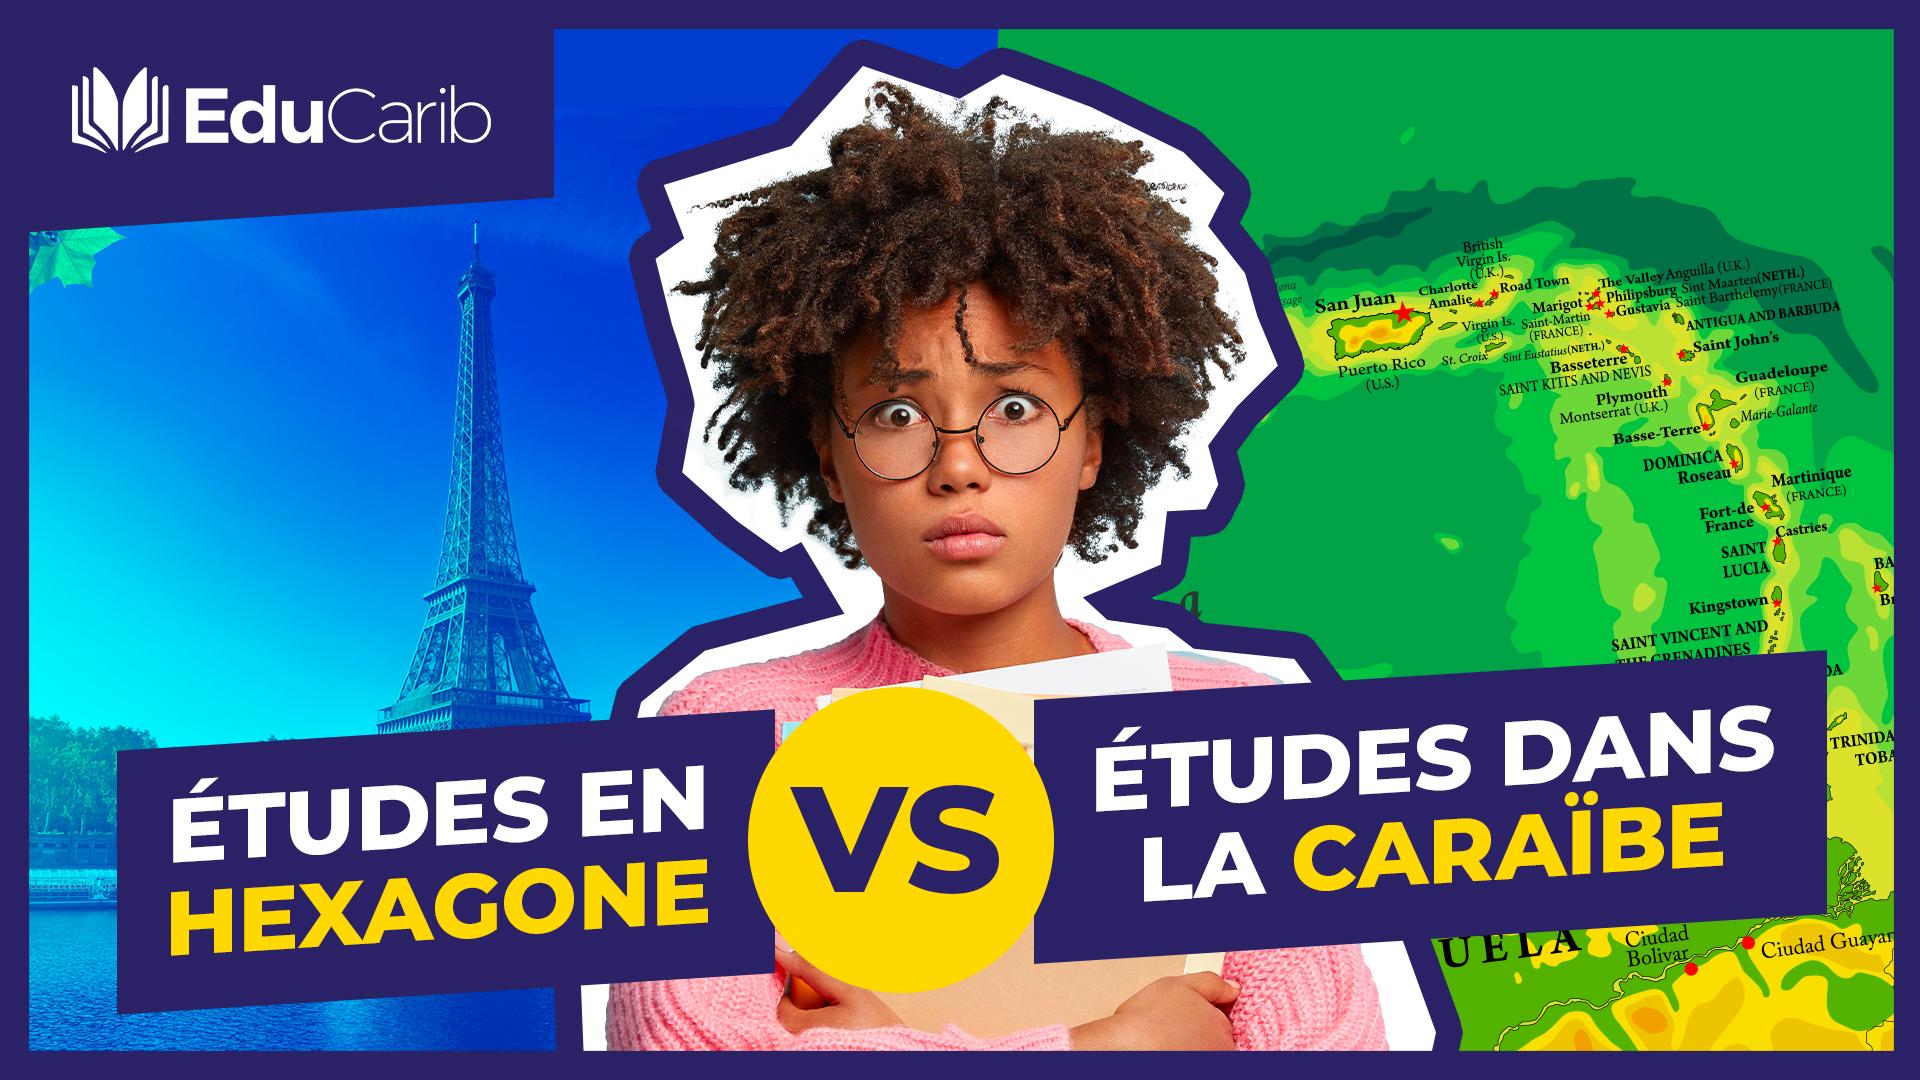 La-Success-Week-by-EduCarib-La-mobilite-internationale-cest-important-coaching-soutien-scolaire-antilles-guyane